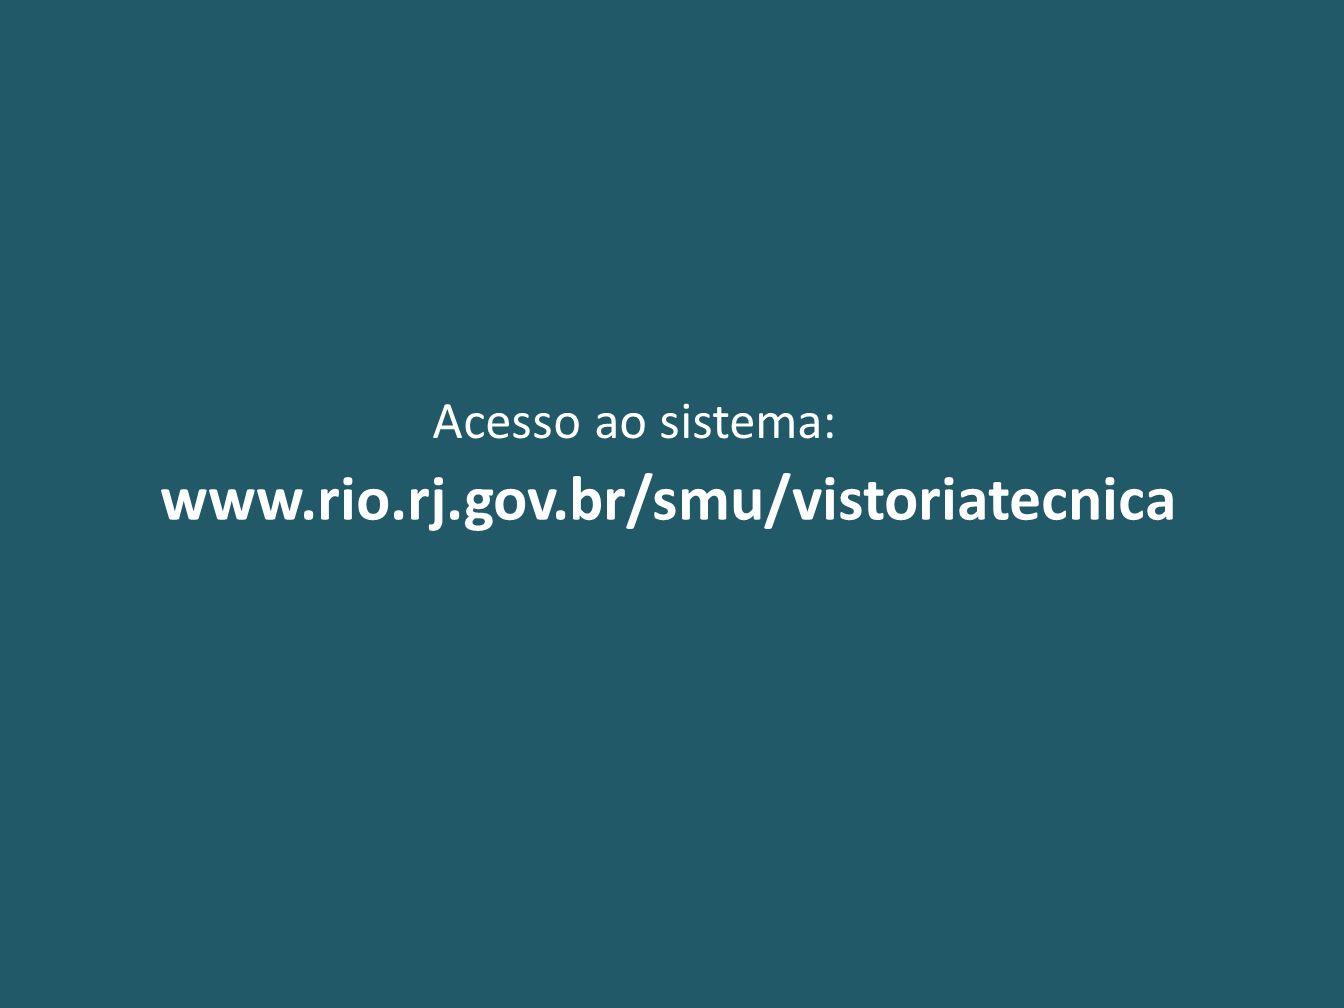 Acesso ao sistema: www.rio.rj.gov.br/smu/vistoriatecnica